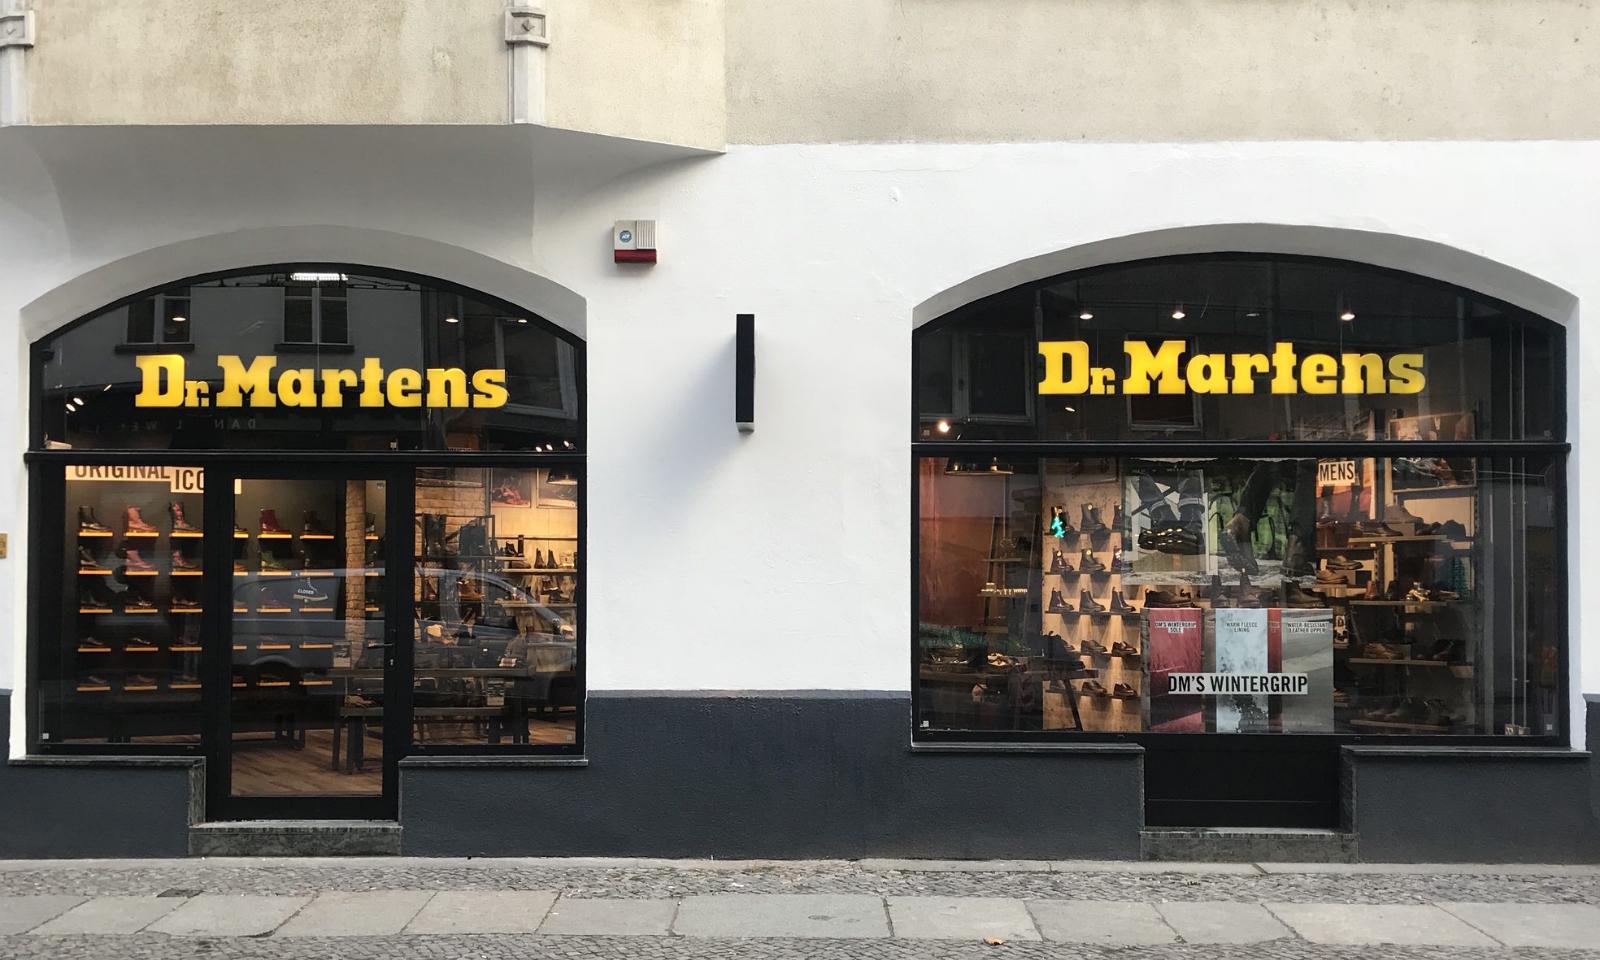 英伦鞋履老牌 Dr.Martens 财年收入达 8.75 亿美元